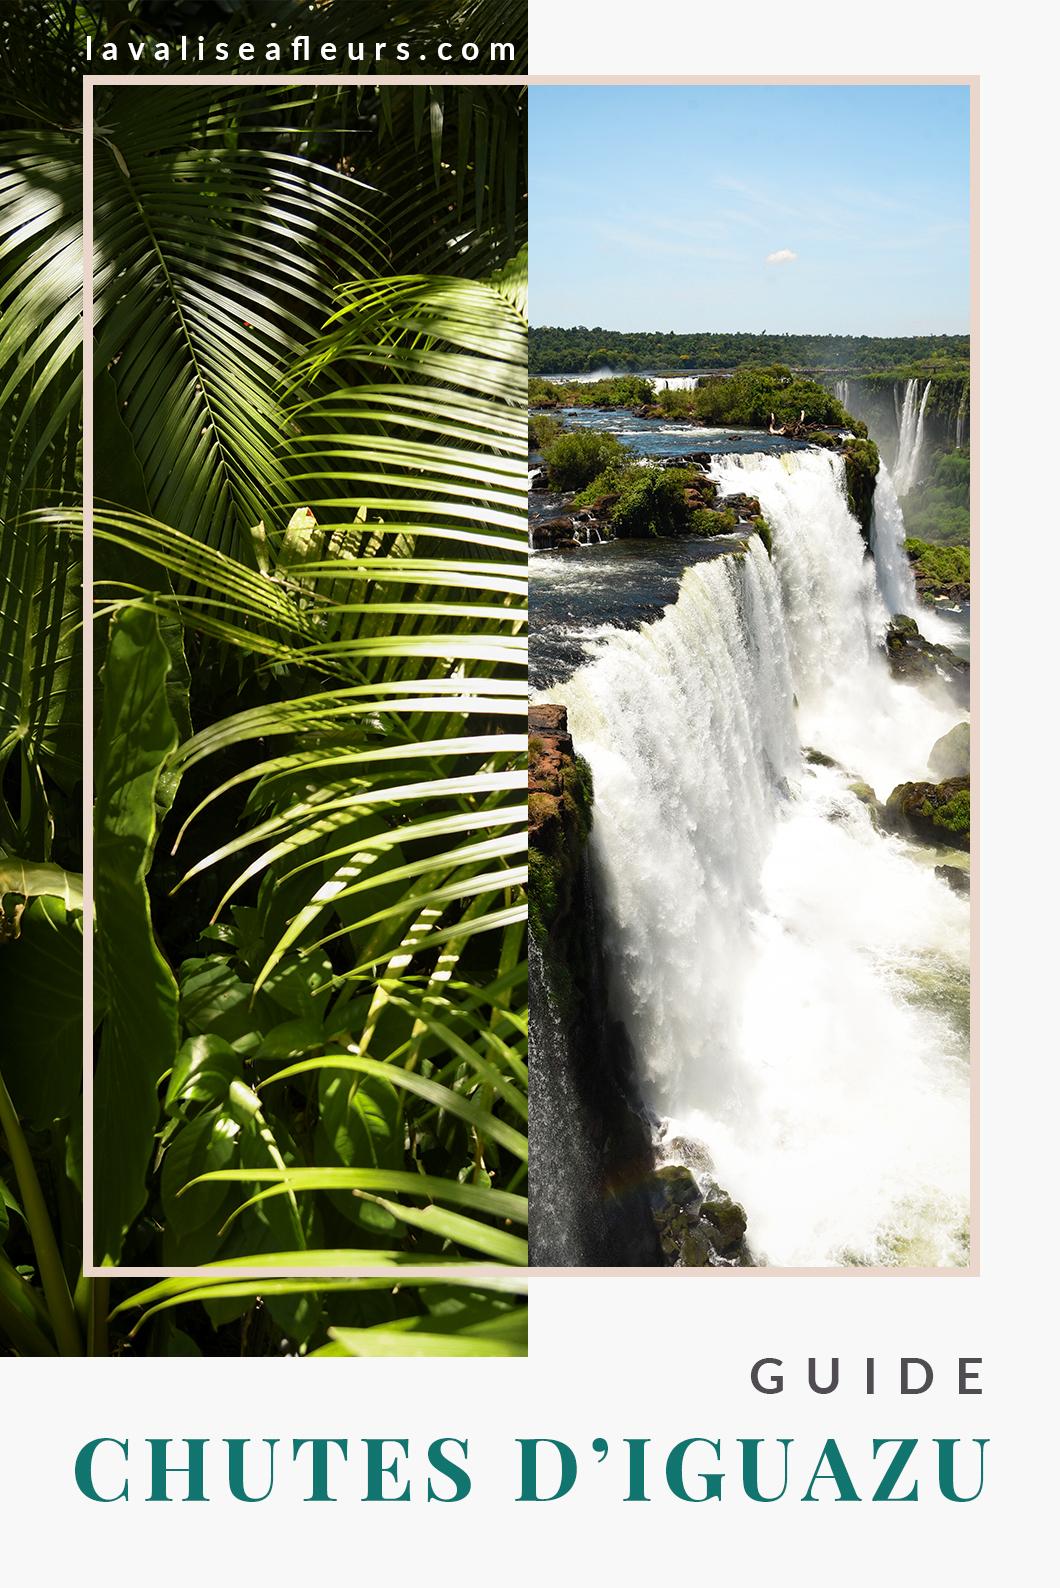 Guide des chutes d'iguazu